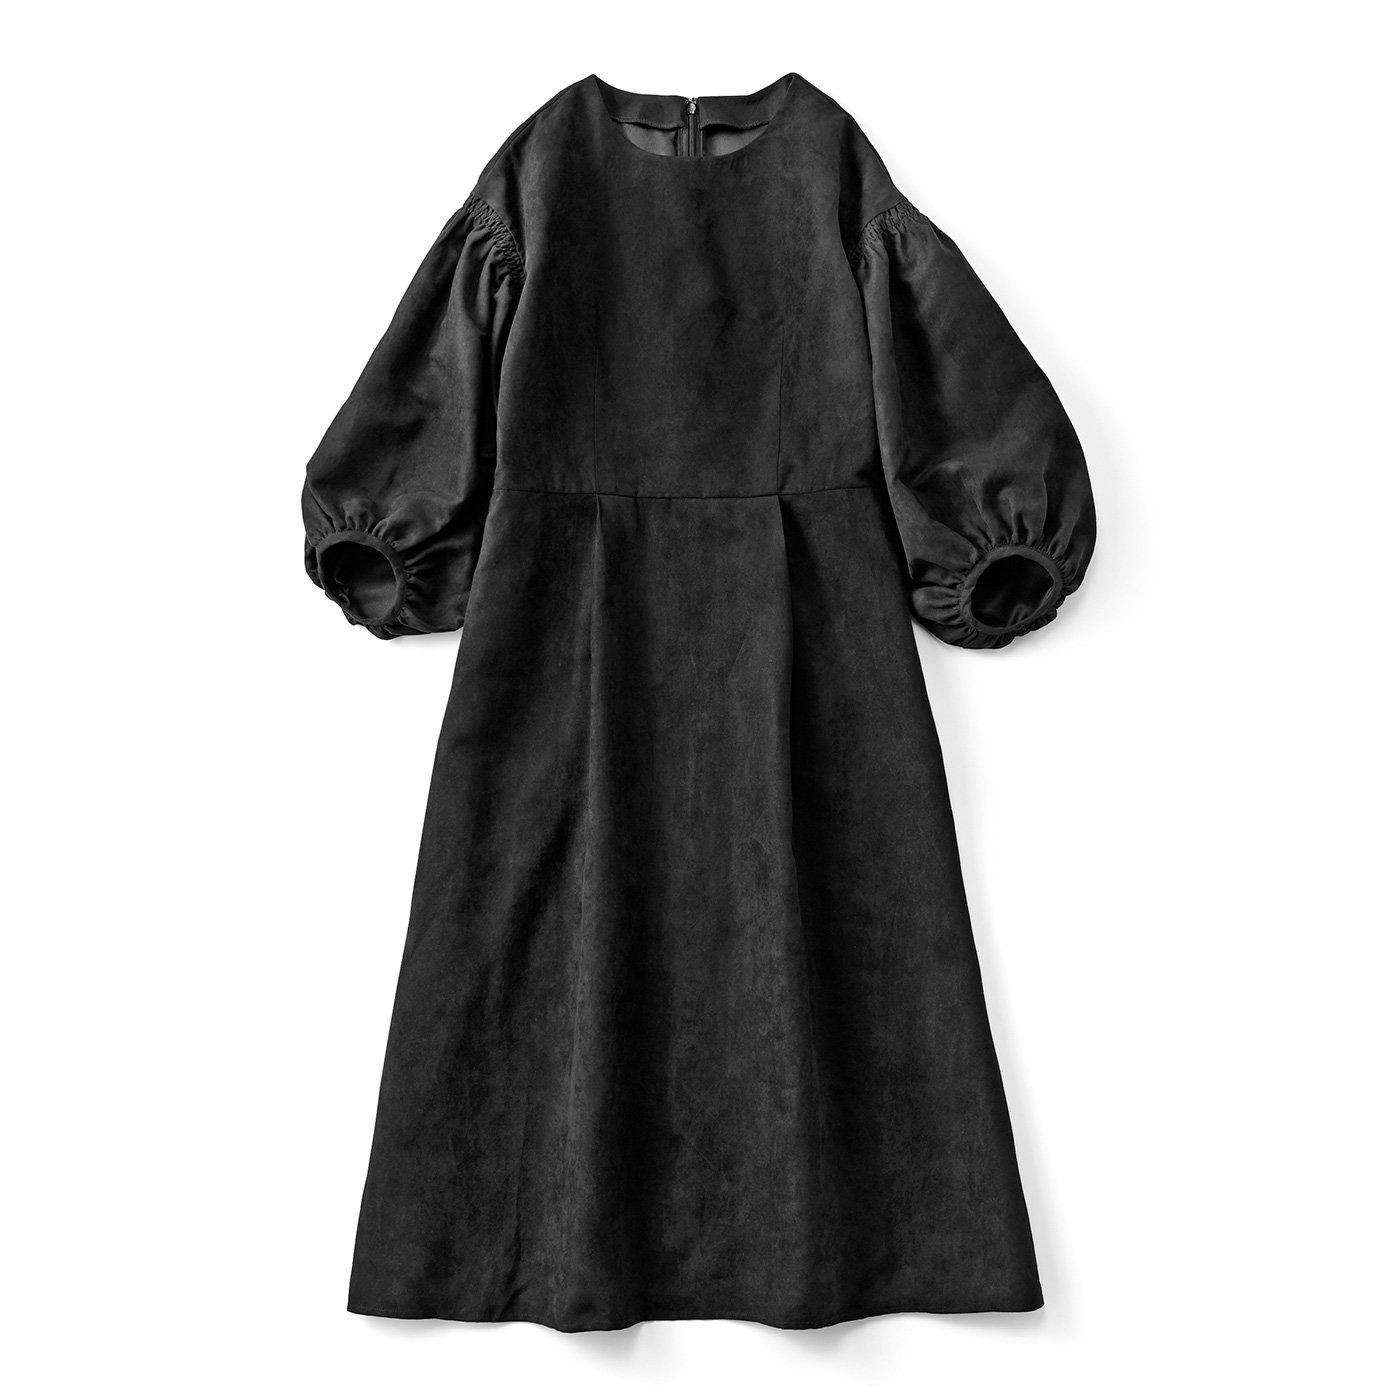 【3~10日でお届け】たーーっぷりボリューム袖のブラックドレス